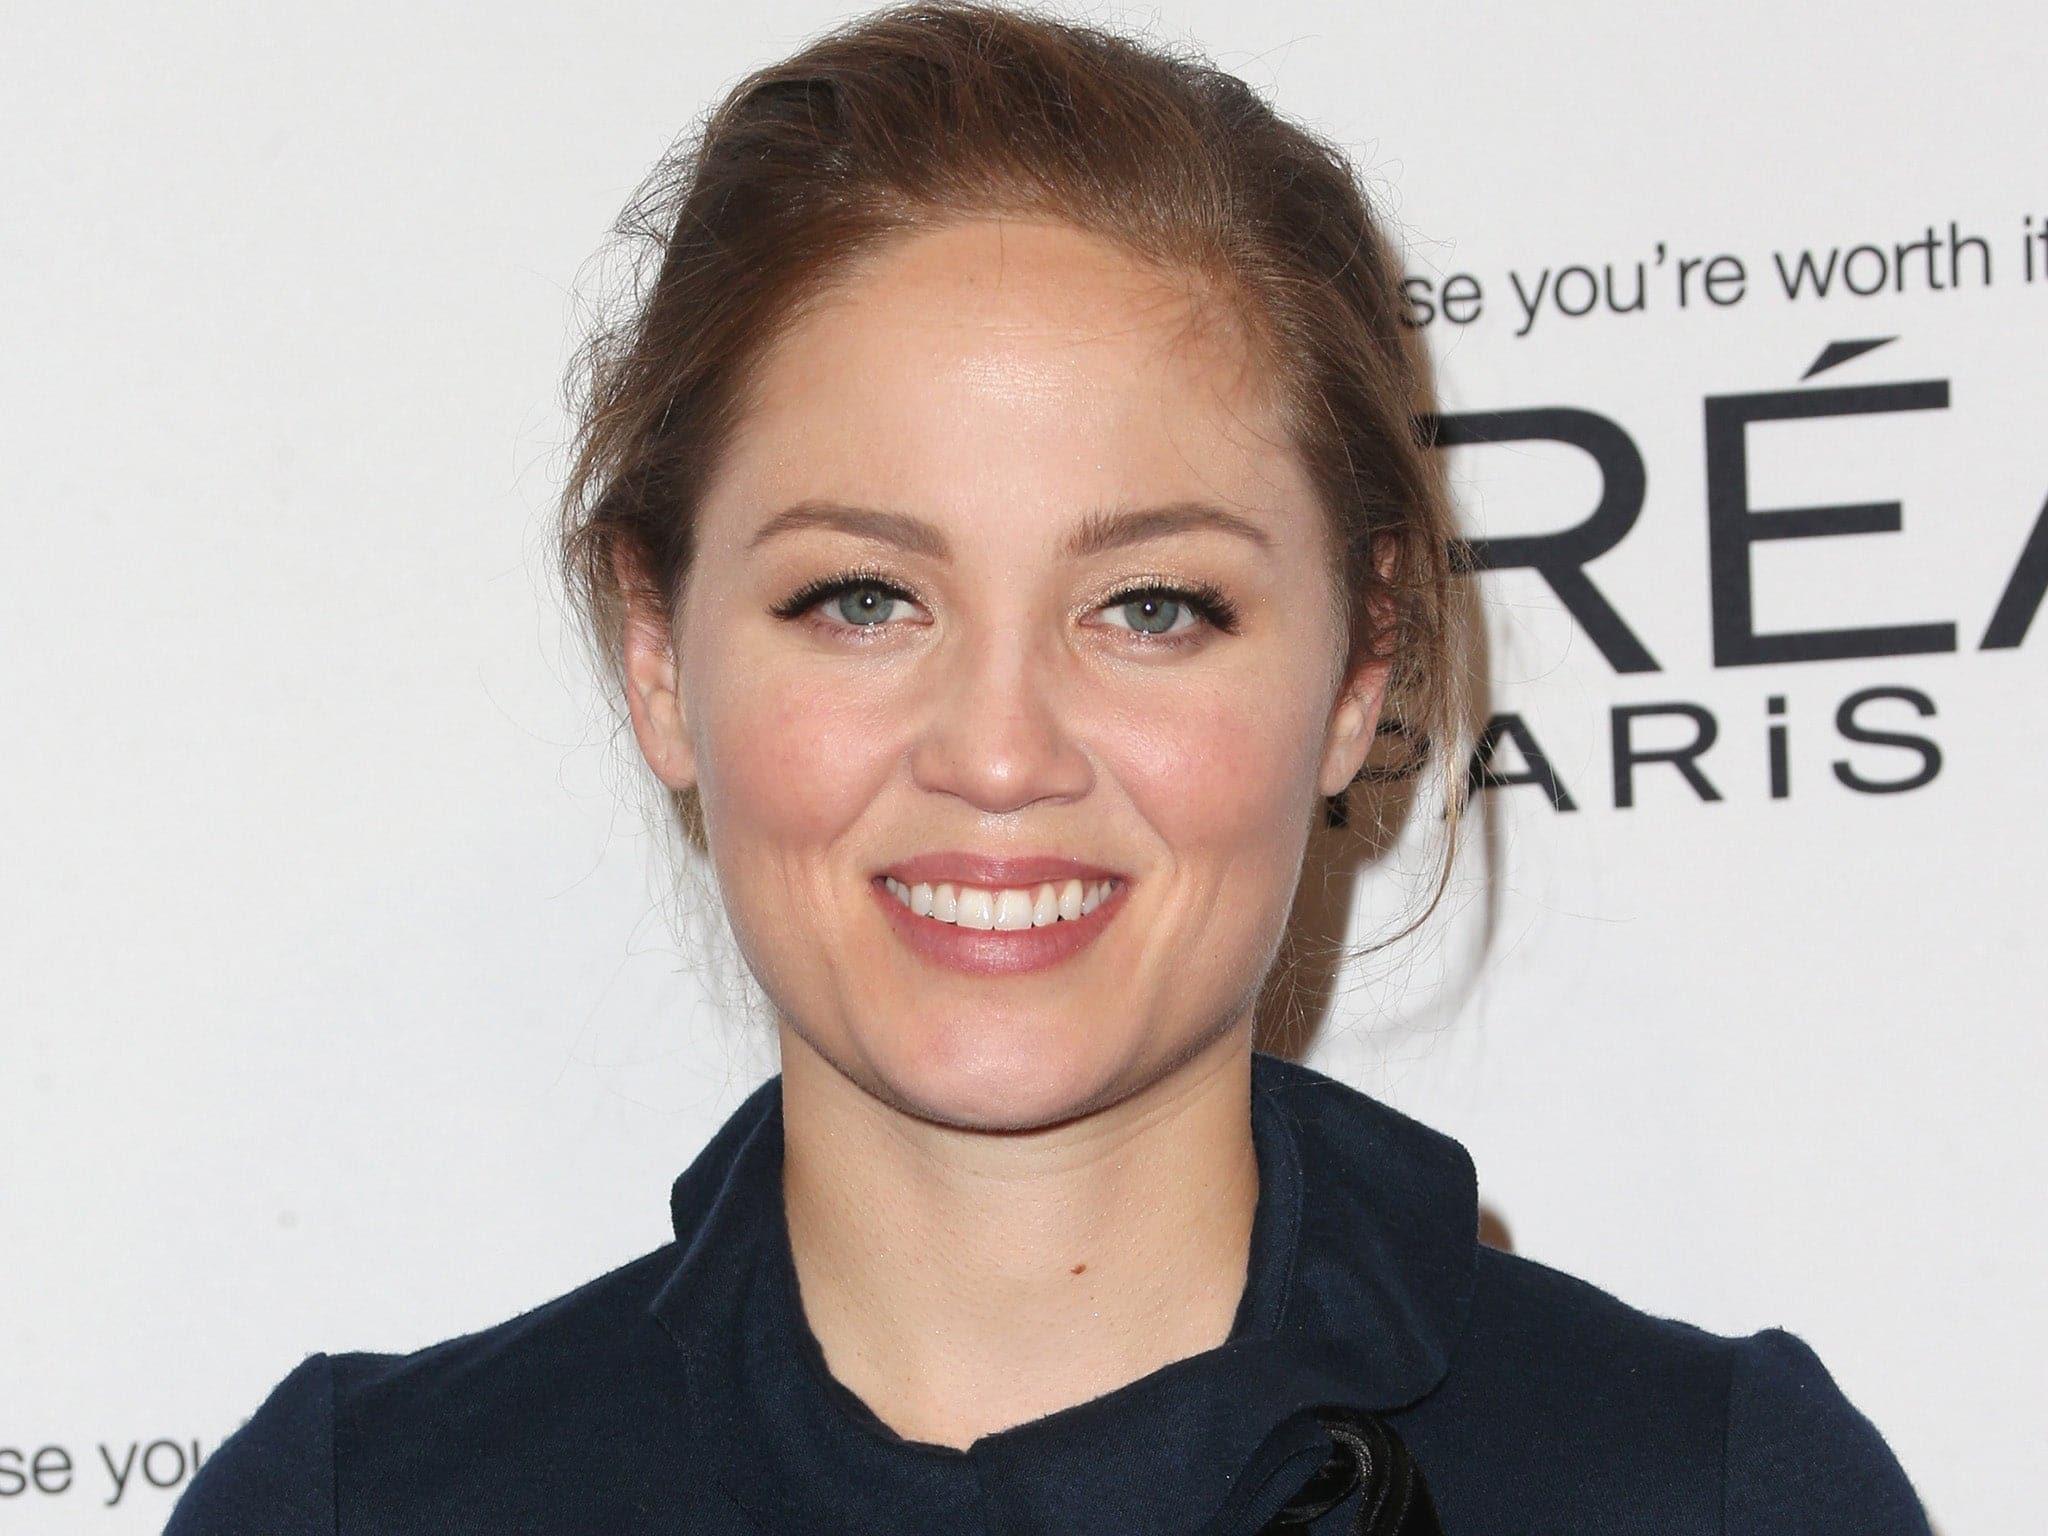 Erika Christensen American Actress, Singer